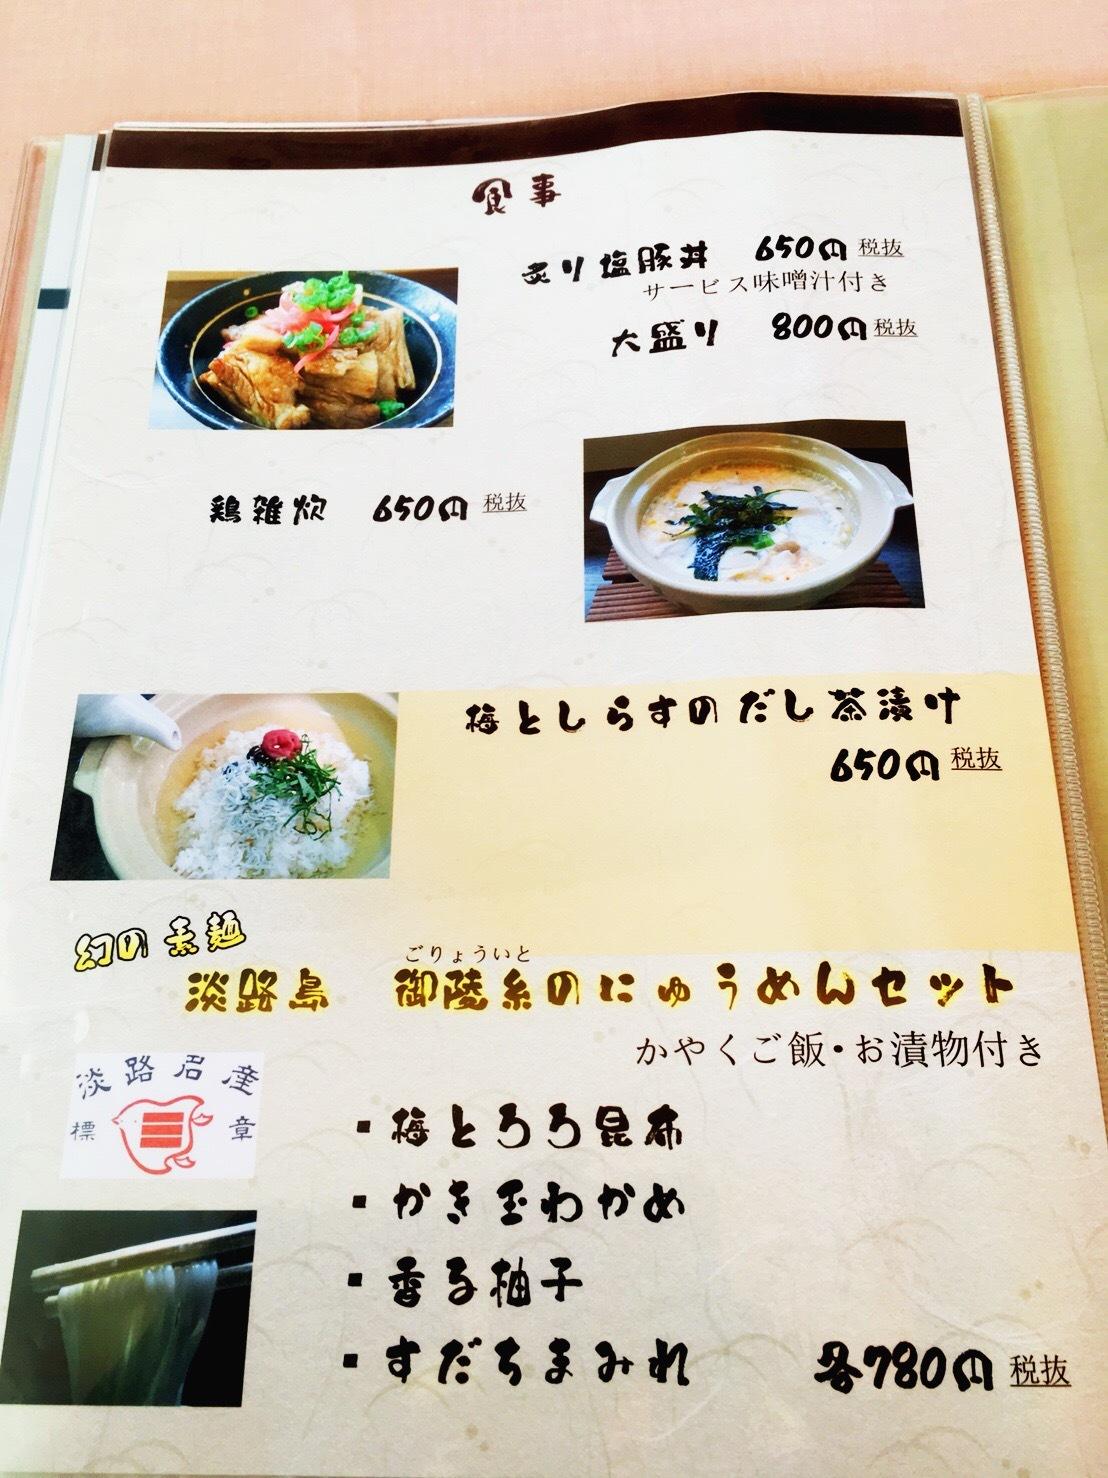 菓のんの食事メニュー